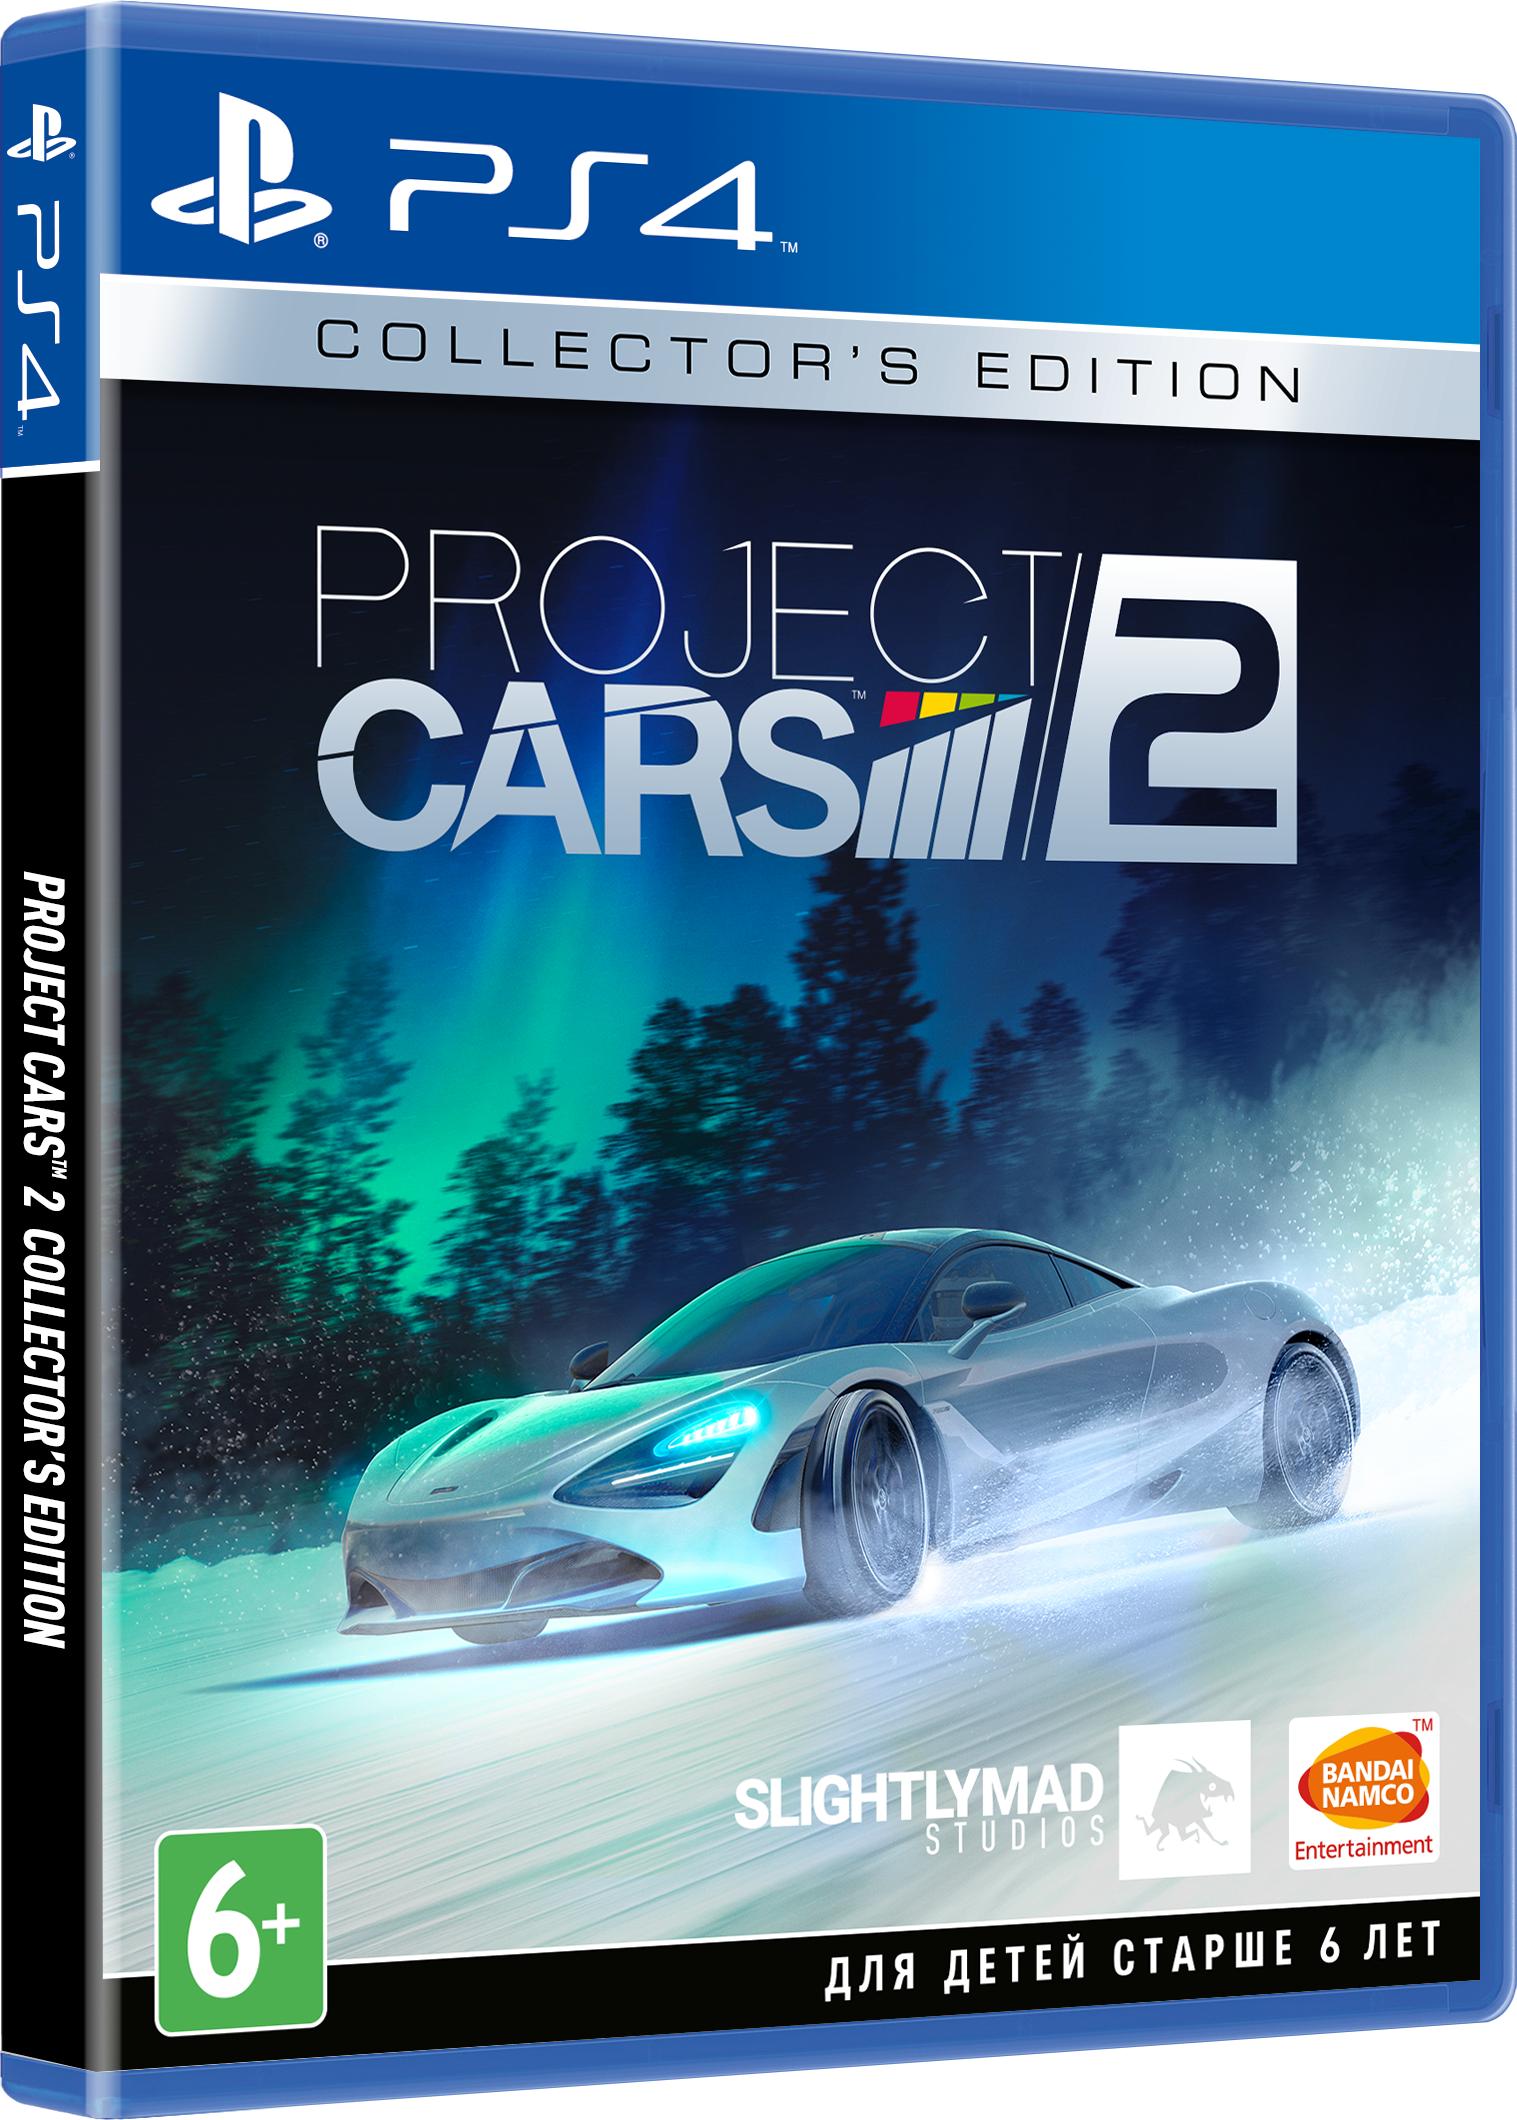 Project Cars 2. Collectors Edition [PS4]Закажите издание Project Cars 2. Collectors Edition, выпускаемое ограниченным тиражом, уже сейчас и получите промо-код на скидку в 1000 рублей при покупке в интернет-магазине любого гоночного руля Thrustmaster.<br>